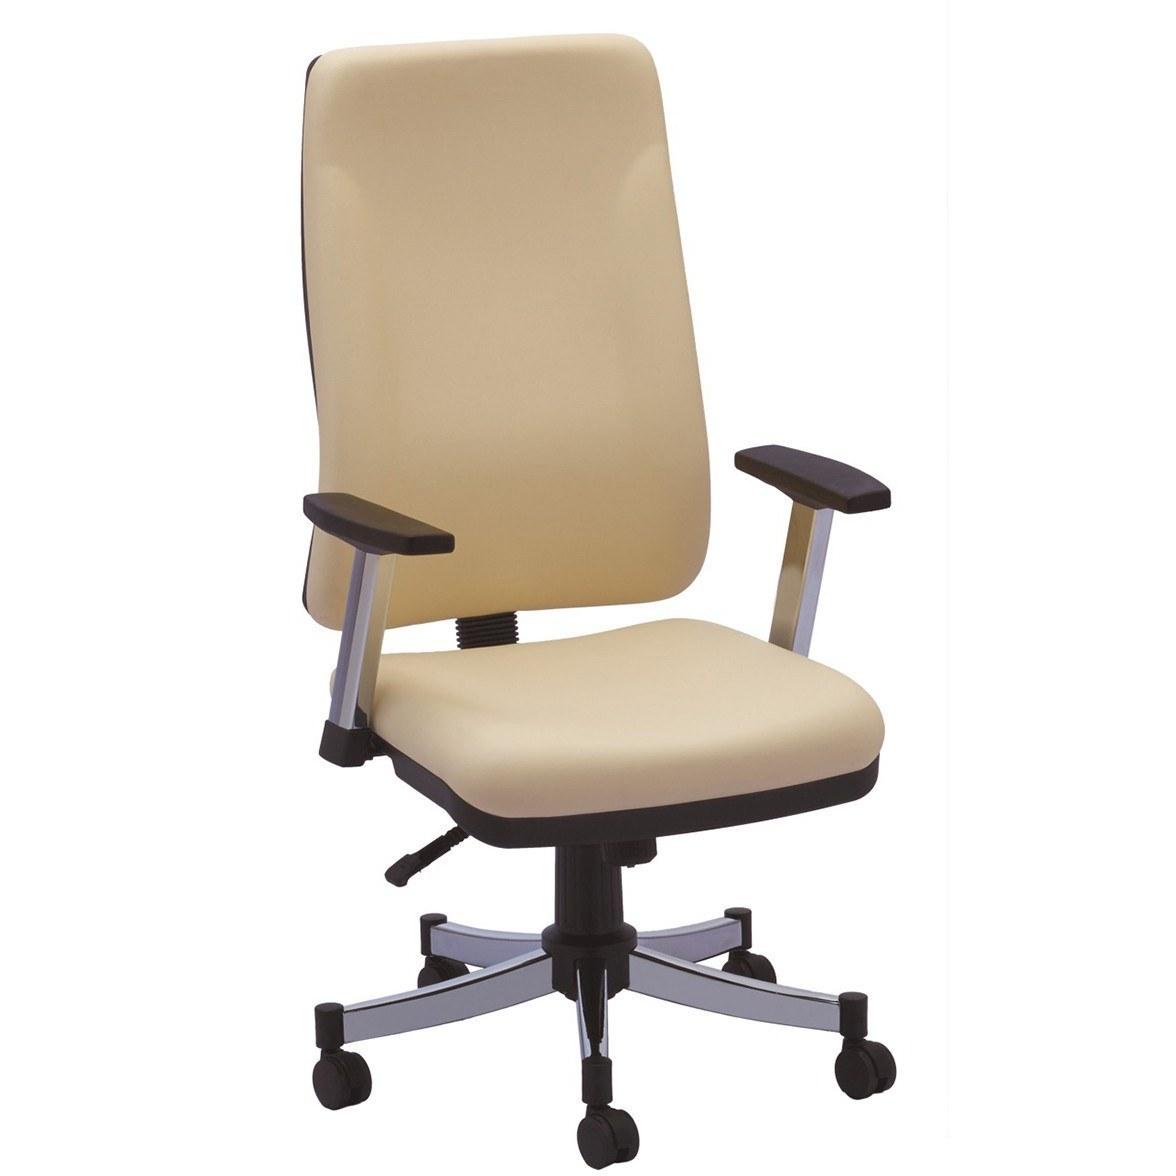 صندلی کارمندی و کارشناسی رایانه صنعت ماندا (P-704) با روکش چرم